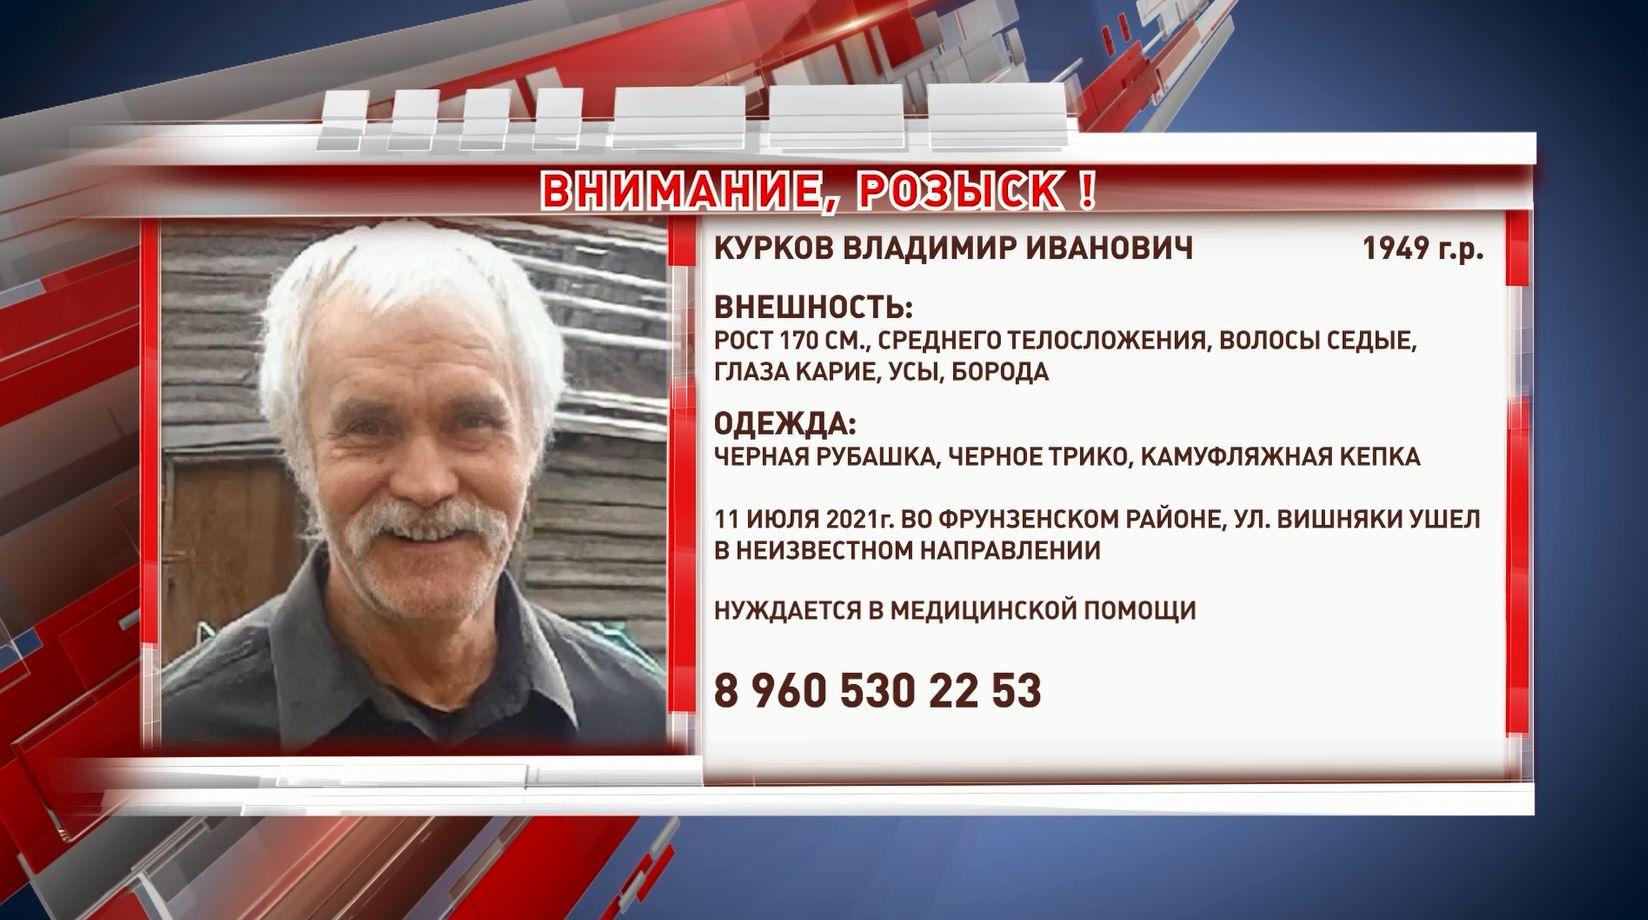 В Ярославле продолжается розыск Куркова Владимира Ивановича